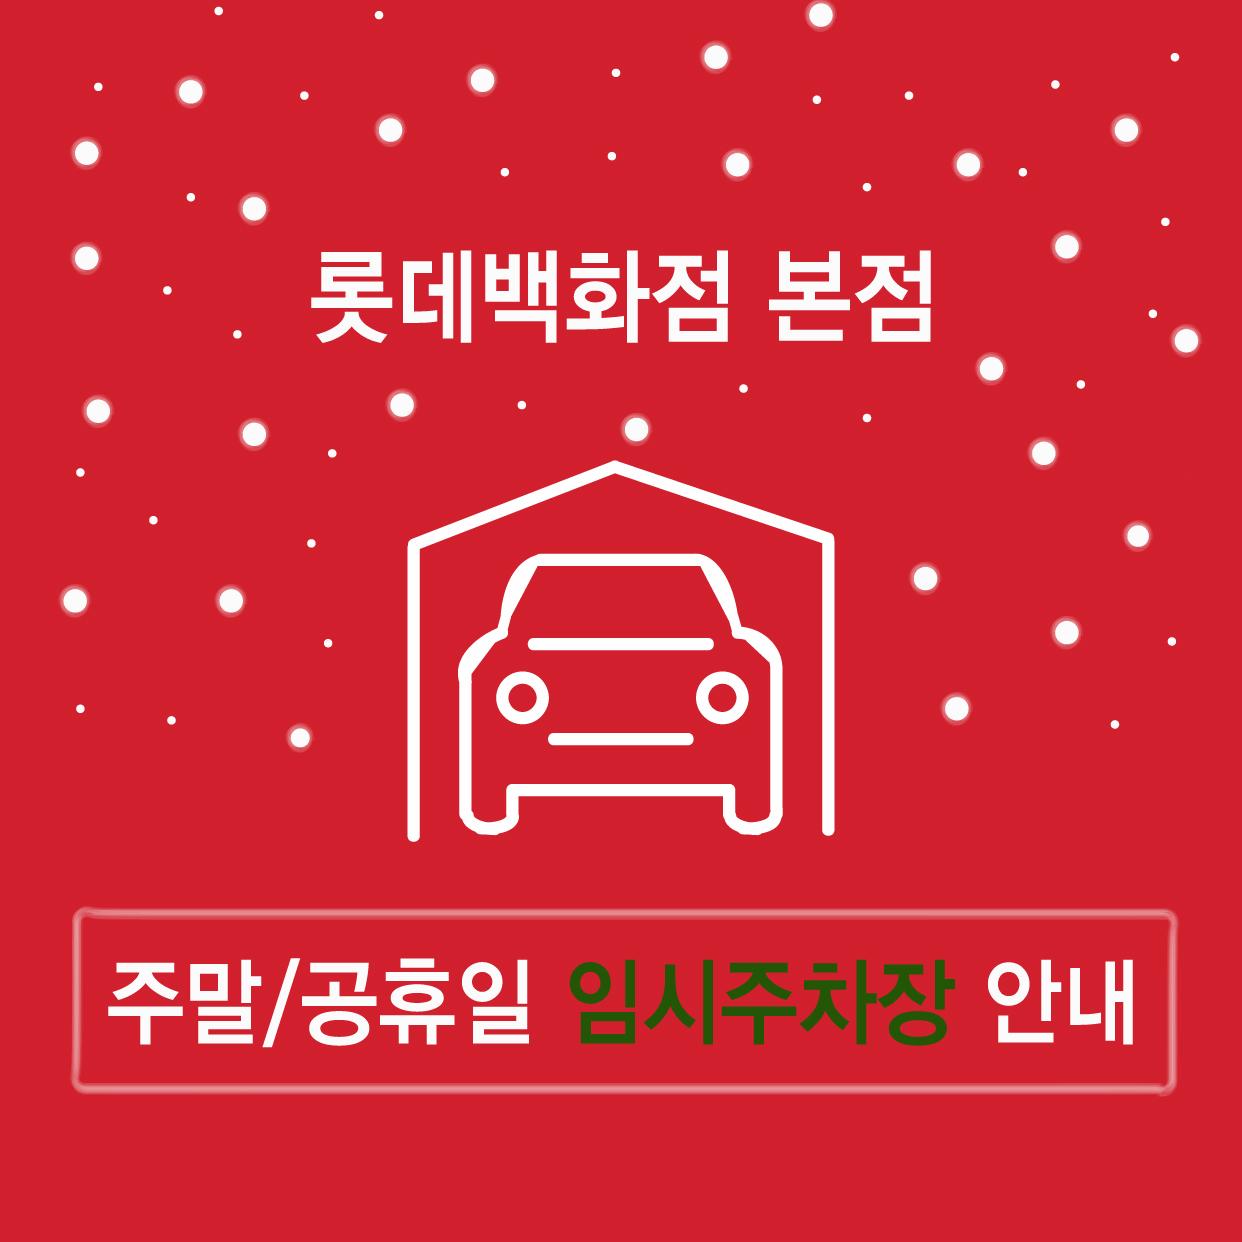 롯데백화점 (주말/공휴일) 임시주차장